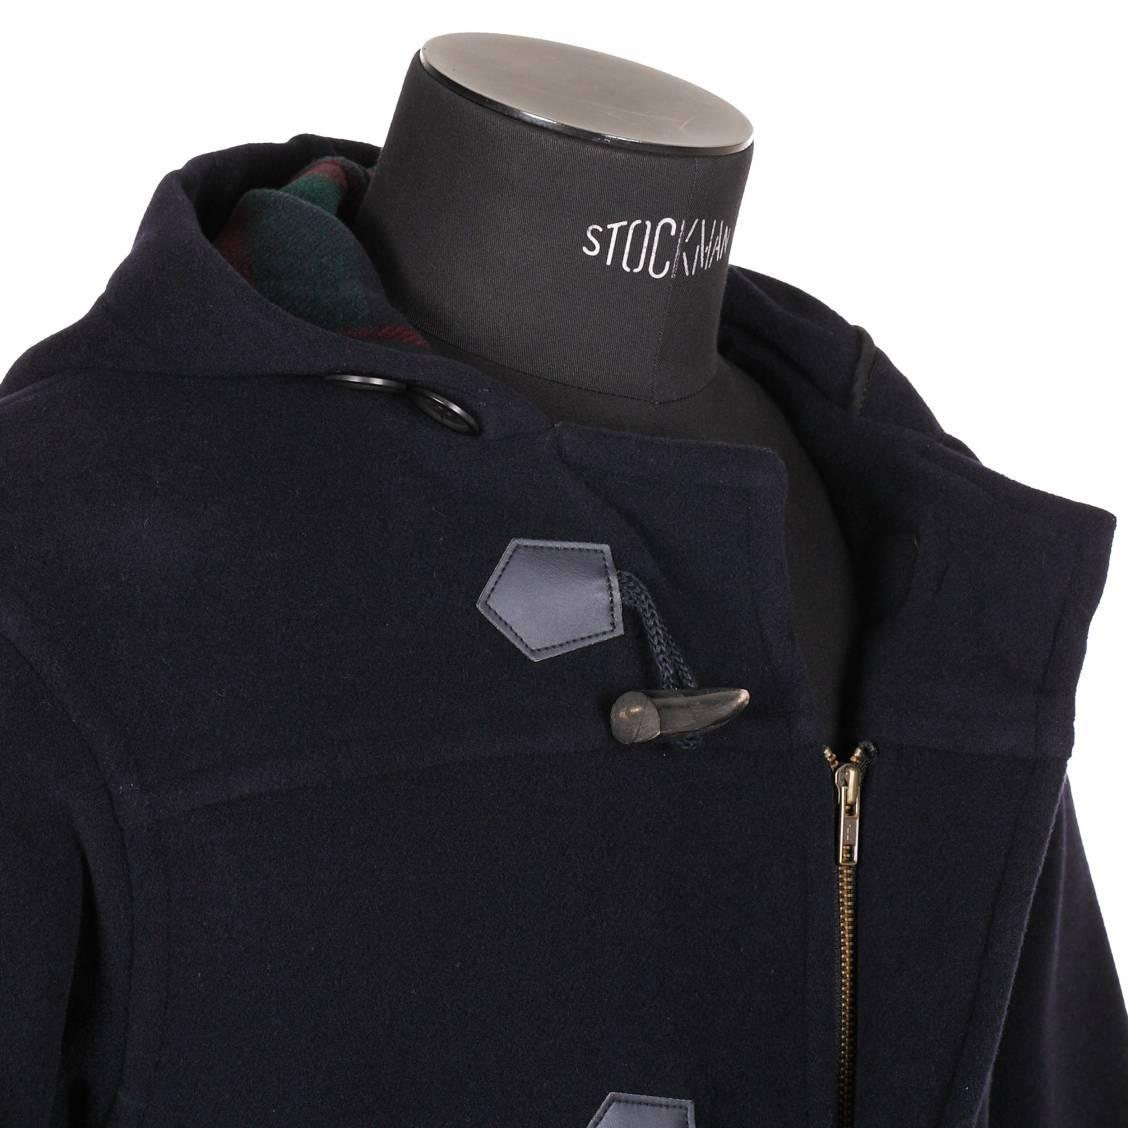 b64a0dee91e montgomery paño lana abrigo campera tapado trenca dufflecoat. Cargando zoom.